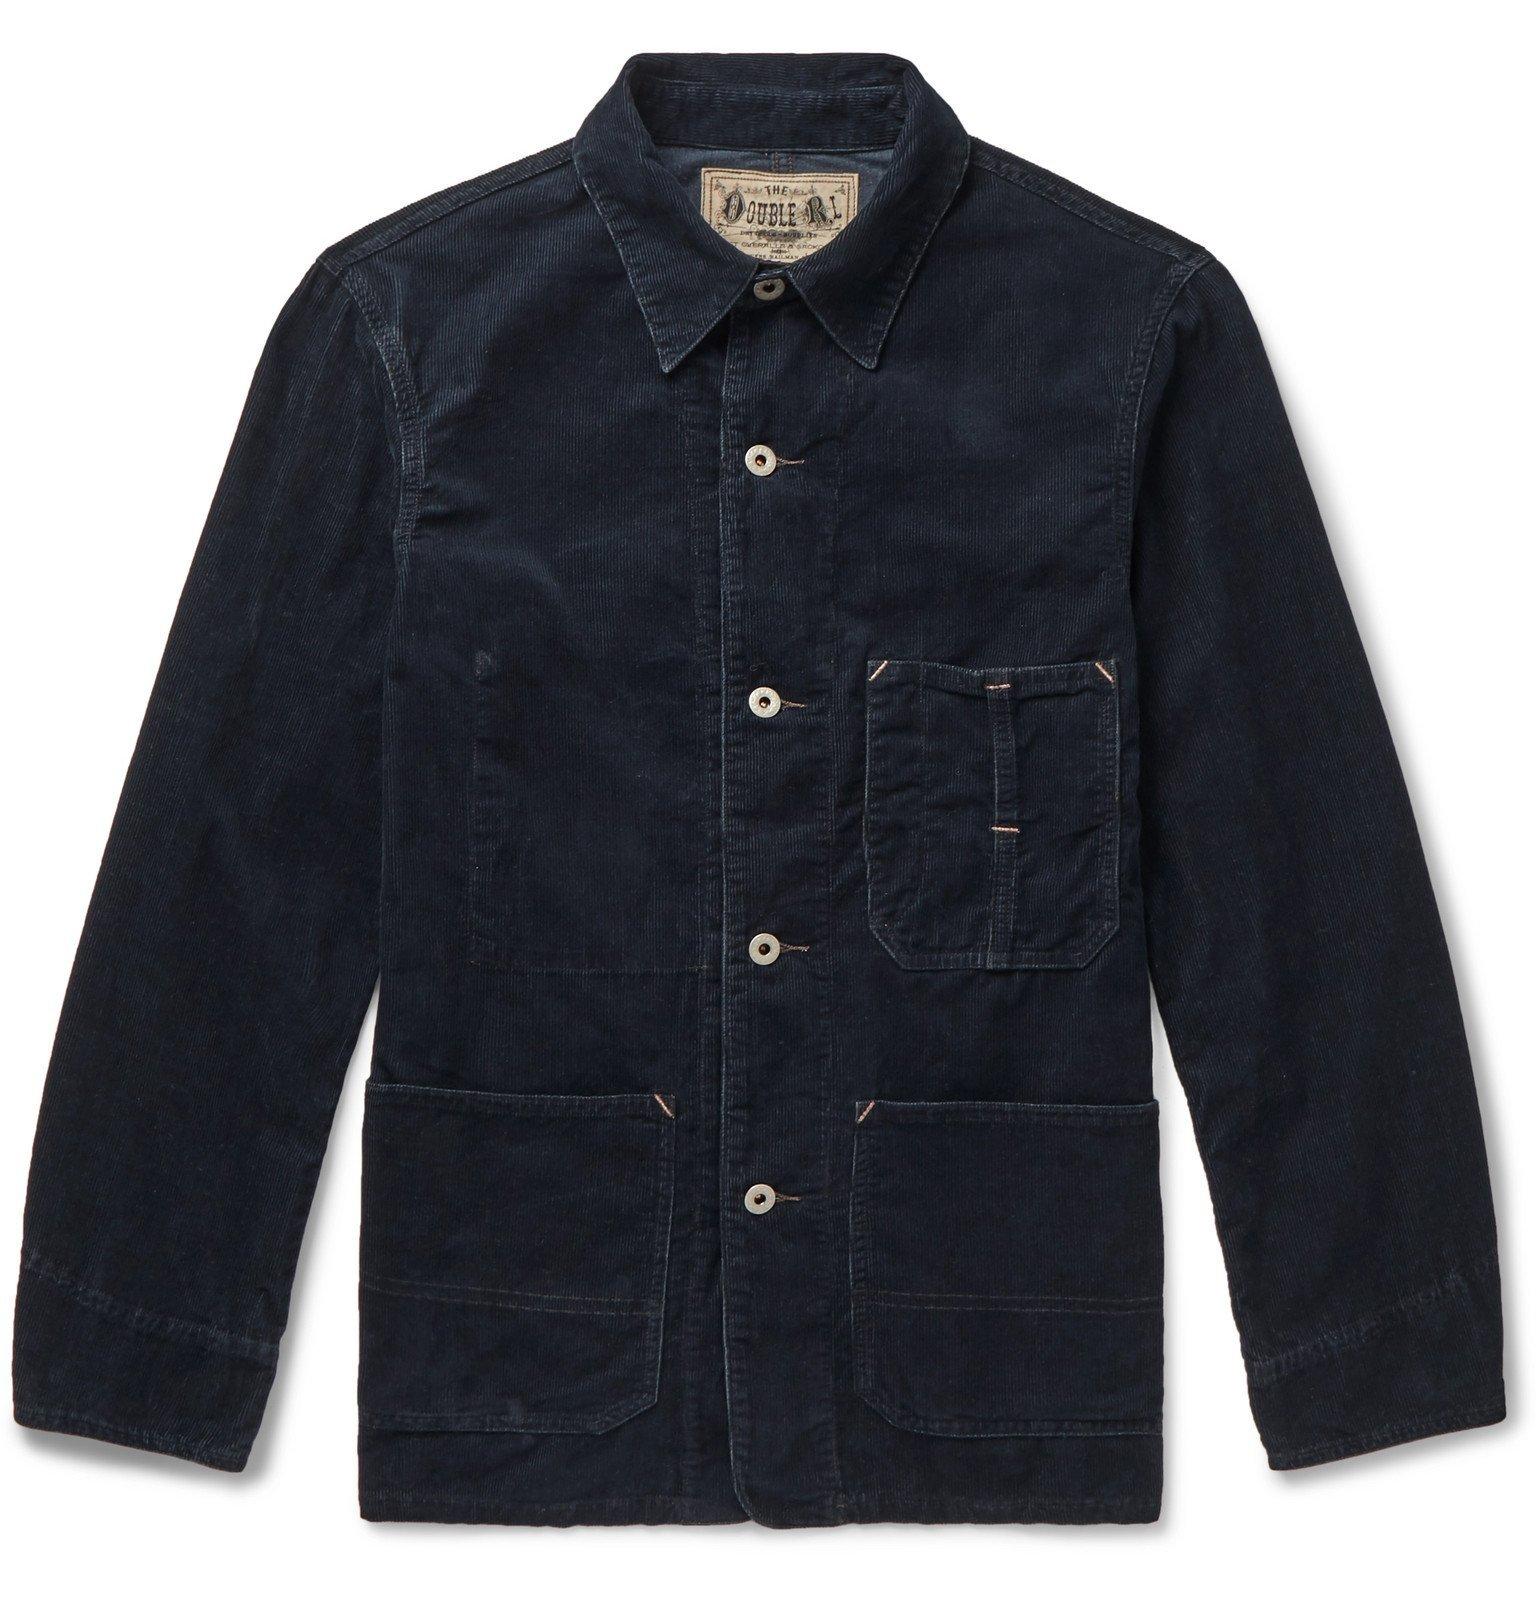 RRL - Williams Cotton-Blend Corduroy Chore Jacket - Blue